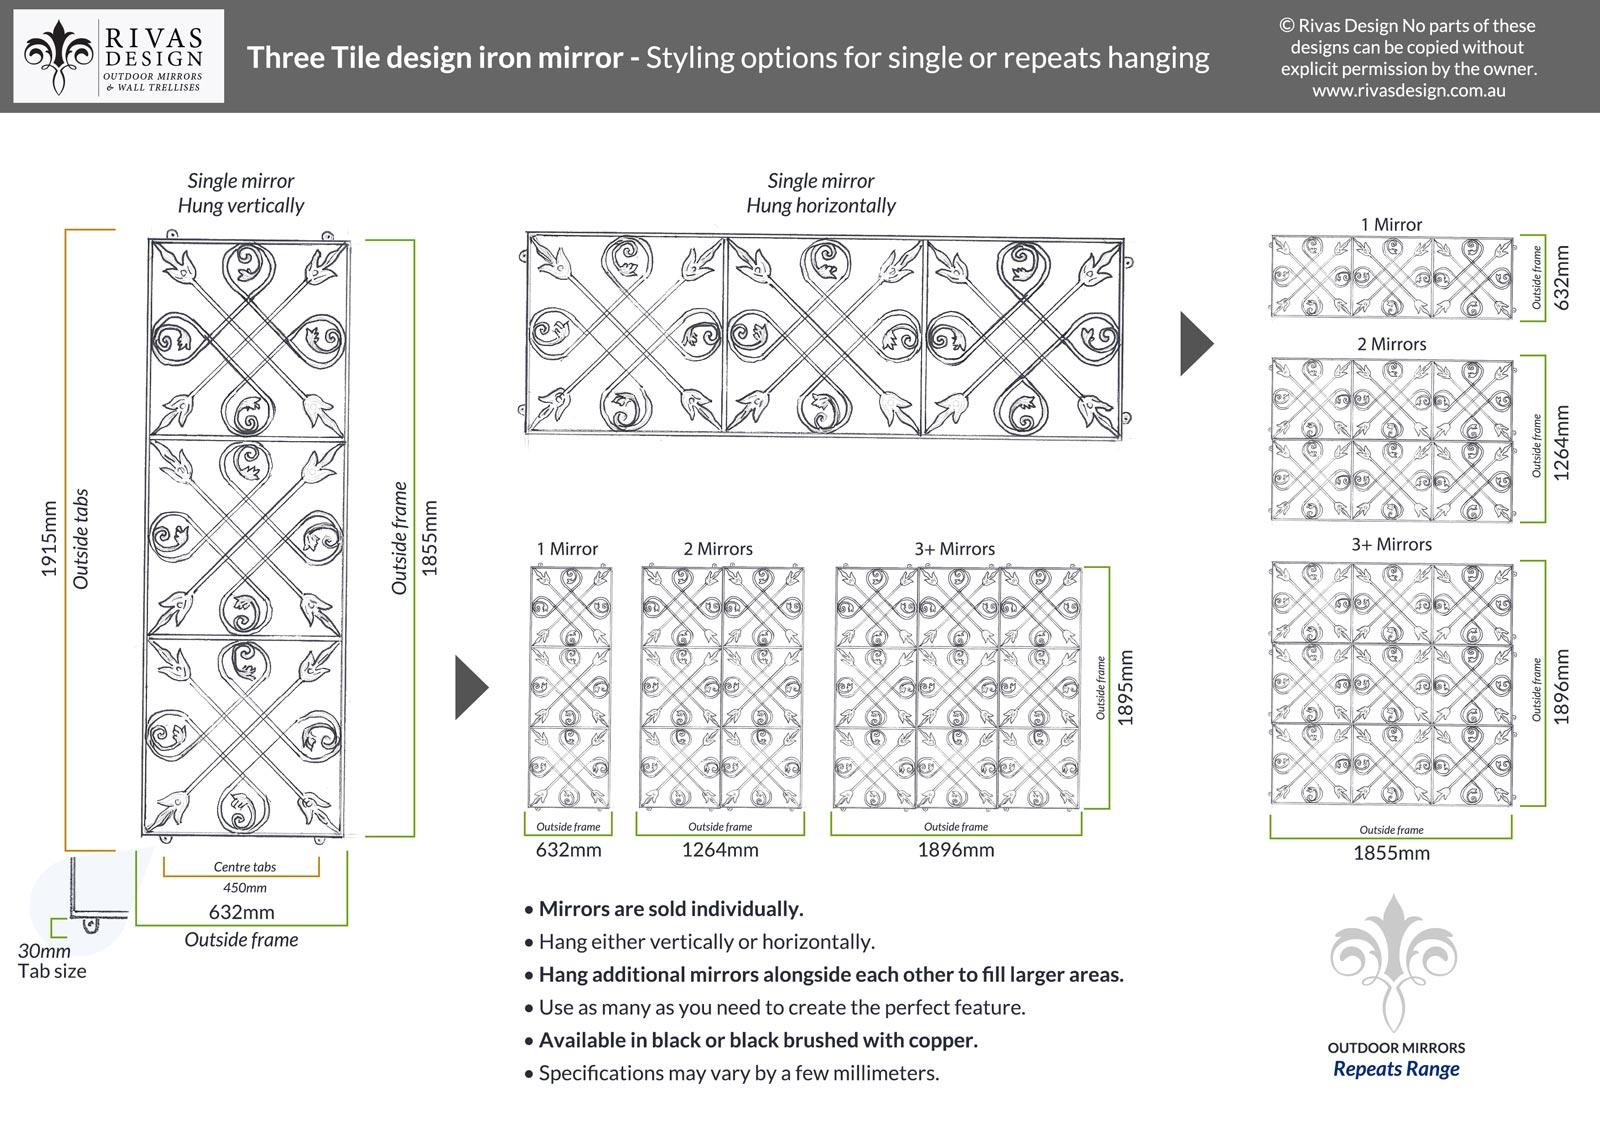 Three Tile design iron mirror